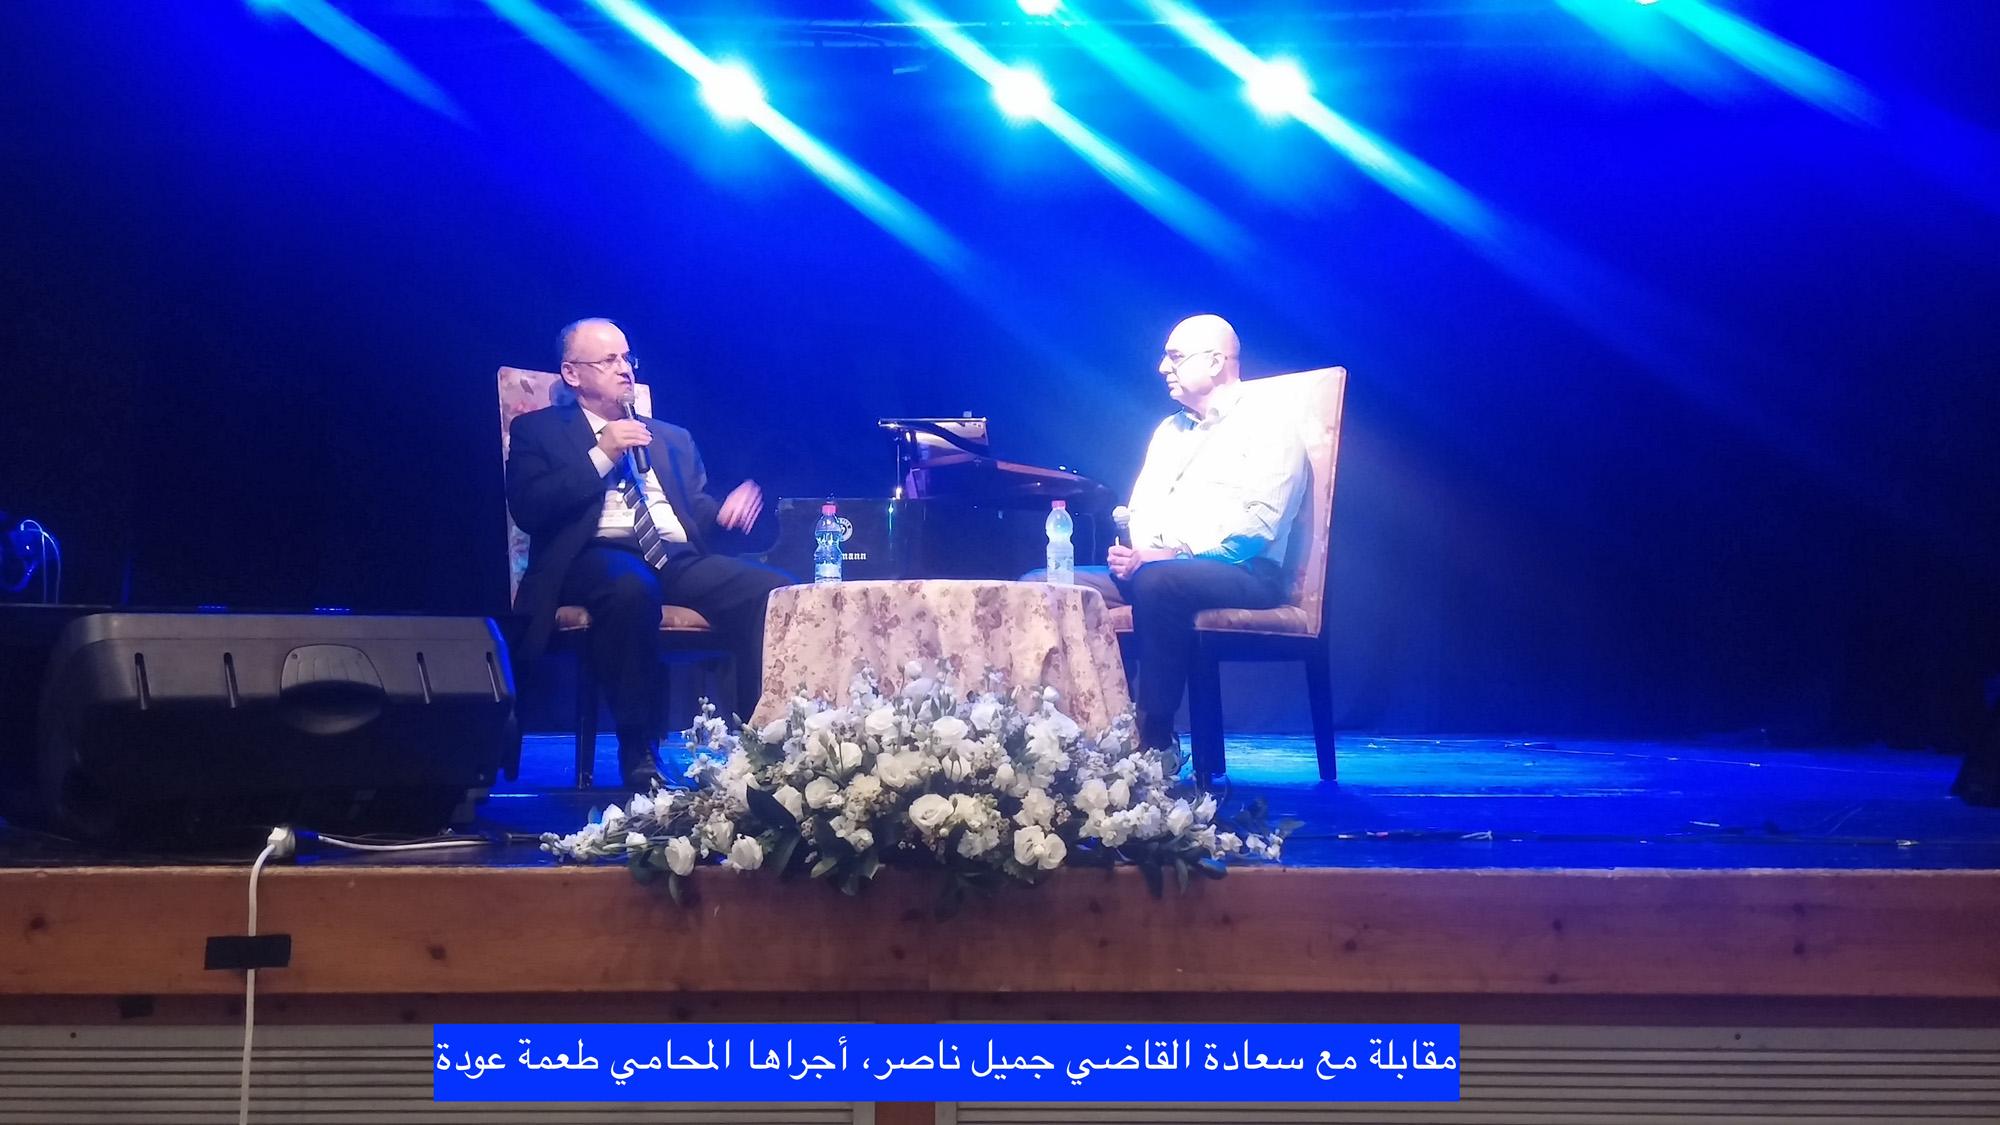 المحامي طعمة يحاور القاضي جميل ناصر